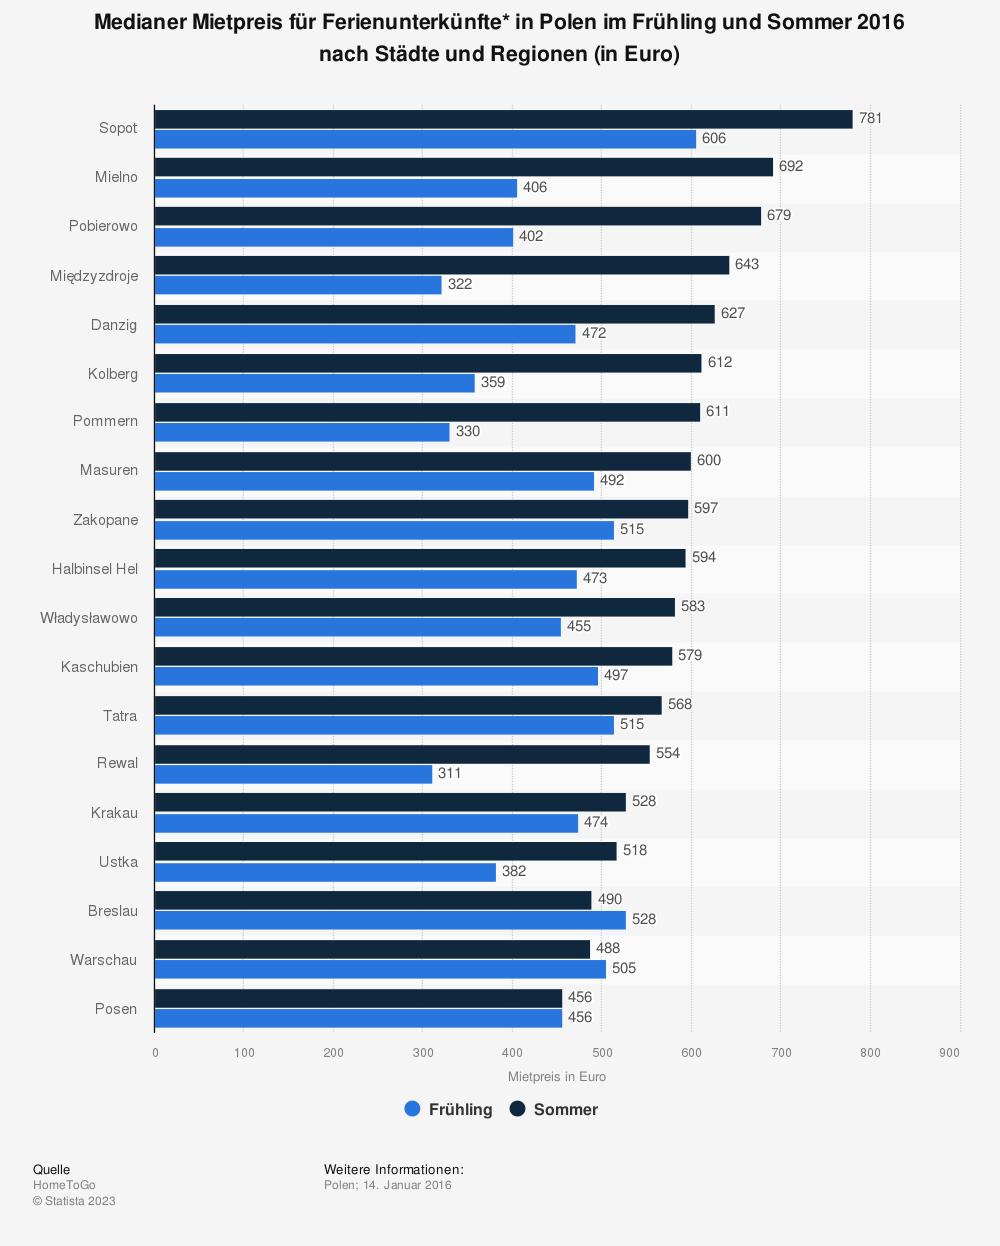 Statistik: Medianer Mietpreis für Ferienunterkünfte* in Polen im Frühling und Sommer 2016 nach Städte und Regionen (in Euro) | Statista